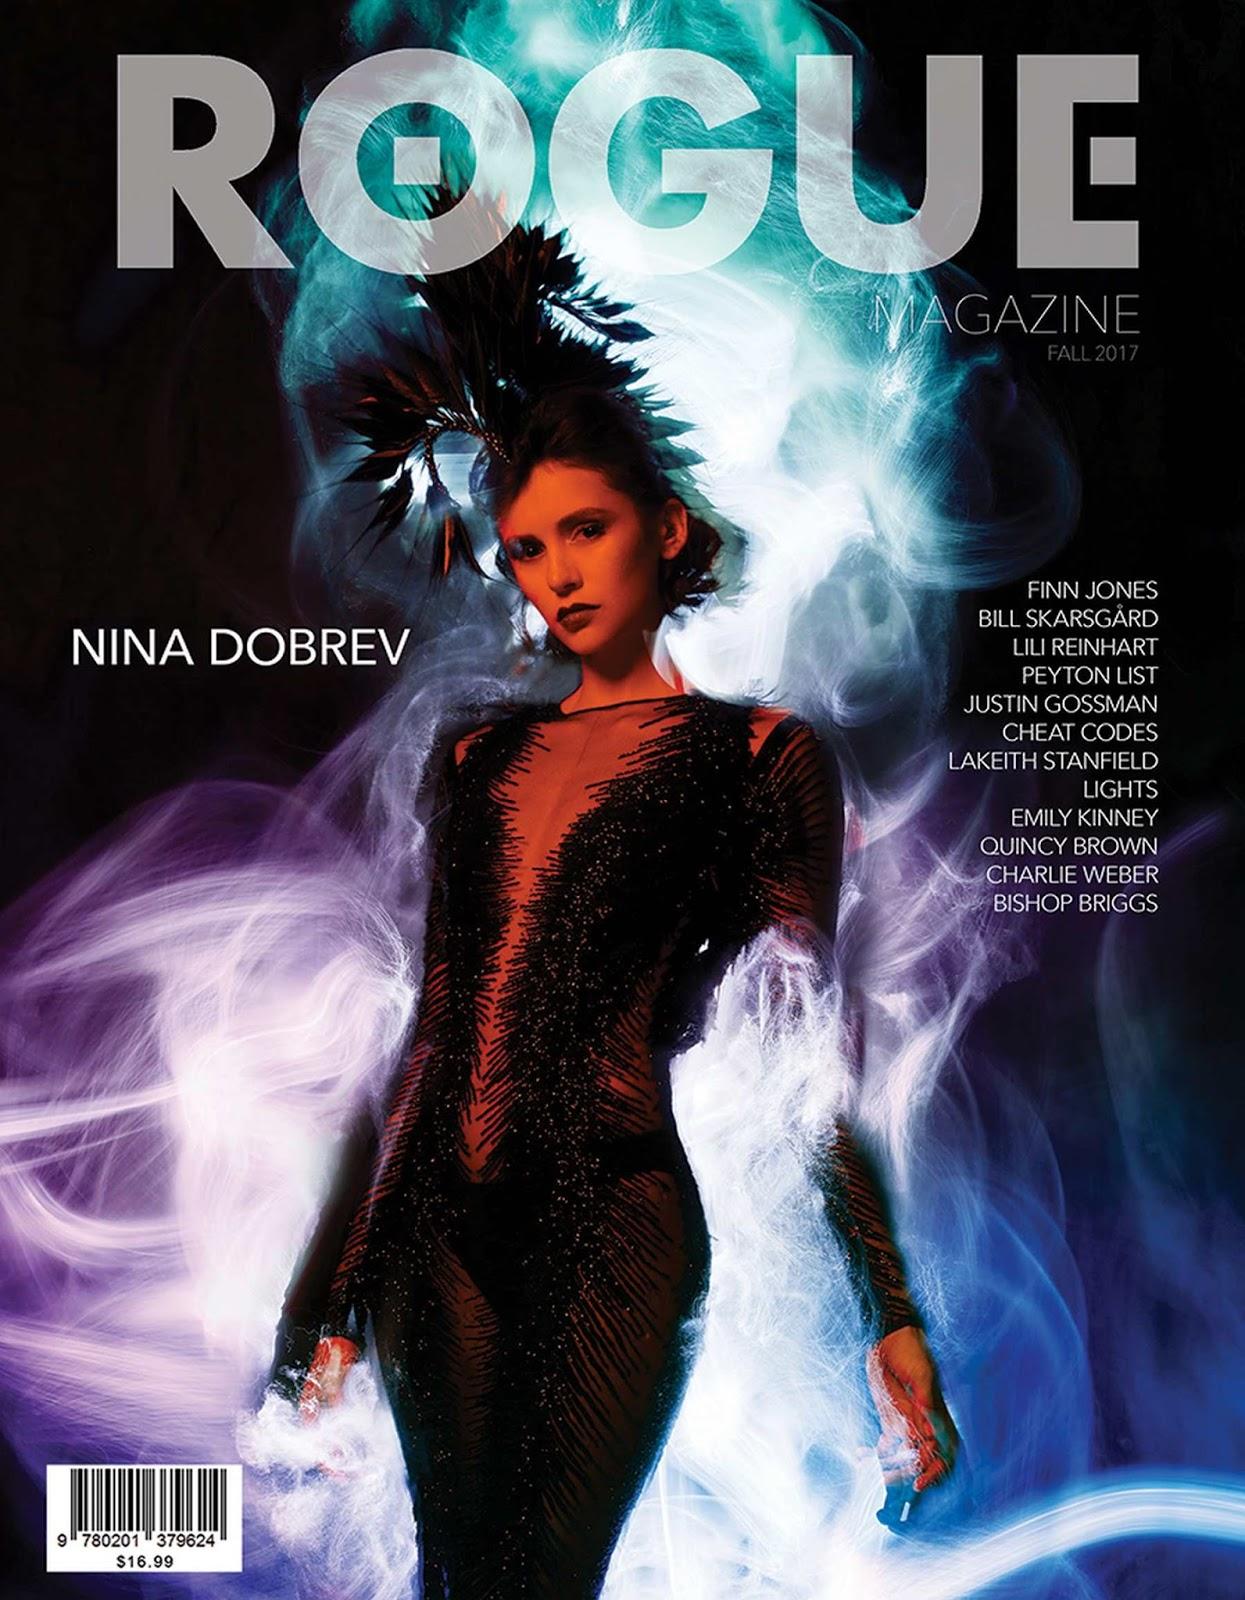 Nina Dobrev – Rogue Magazine Fall 2017